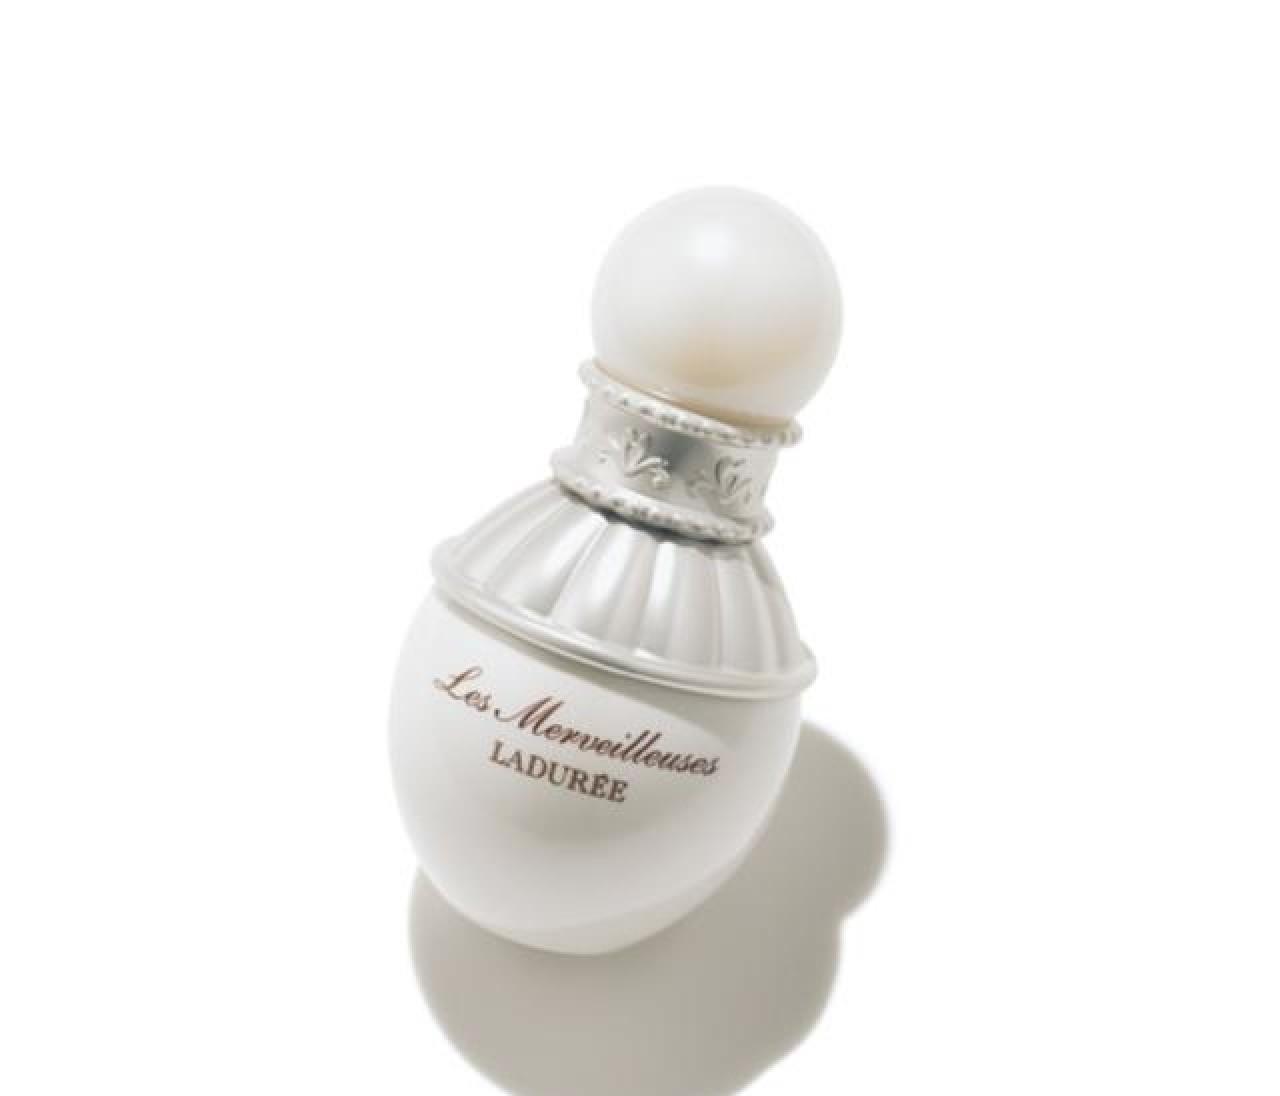 透明肌に欠かせない美白美容液、レ・メルヴェイユーズ・ラデュレの新作